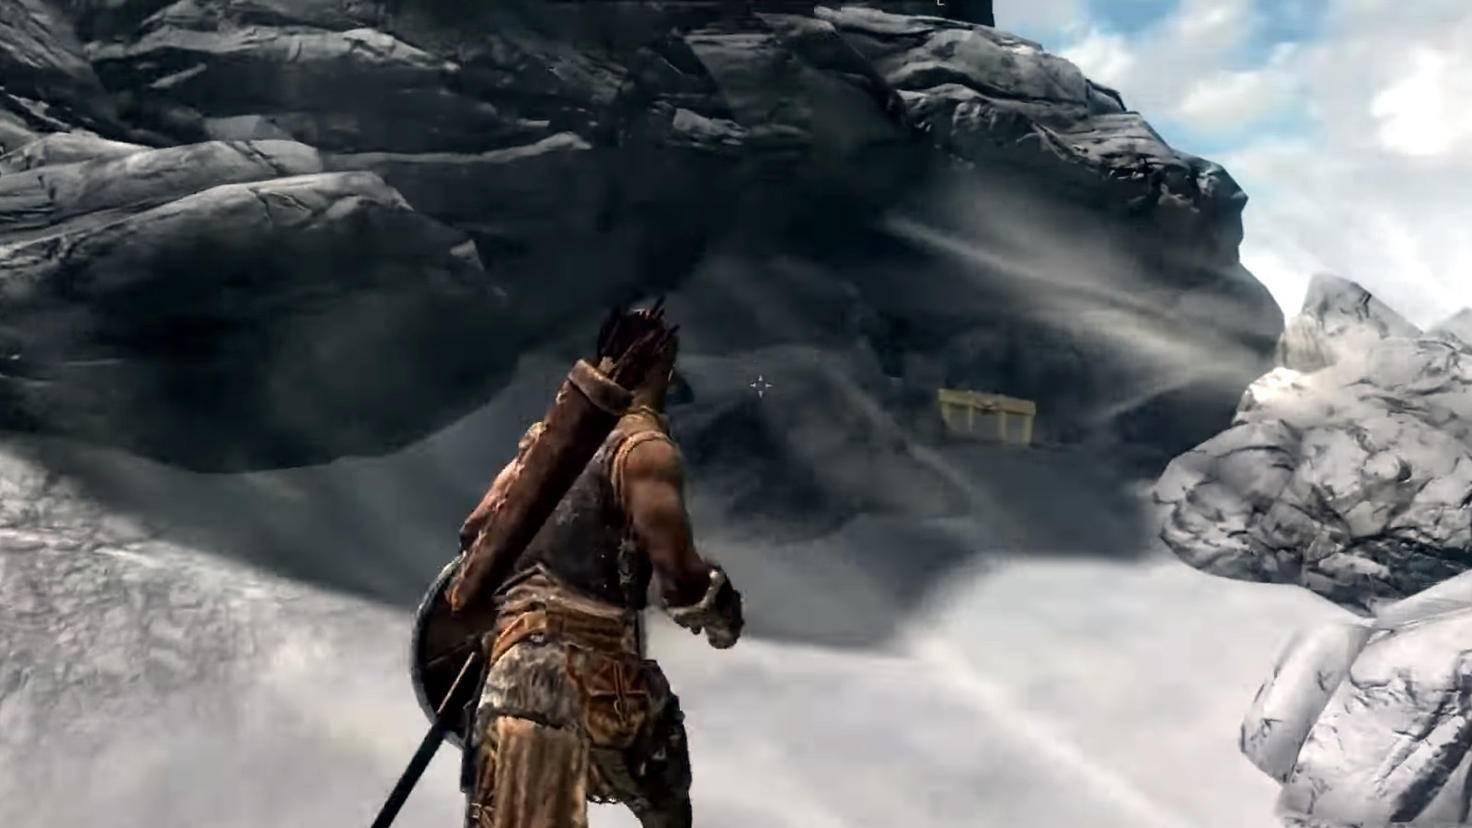 """Halb versteckt hinter einer Felswand findest Du die Kiste, in der das """"Zelda""""-Kostüm liegt."""